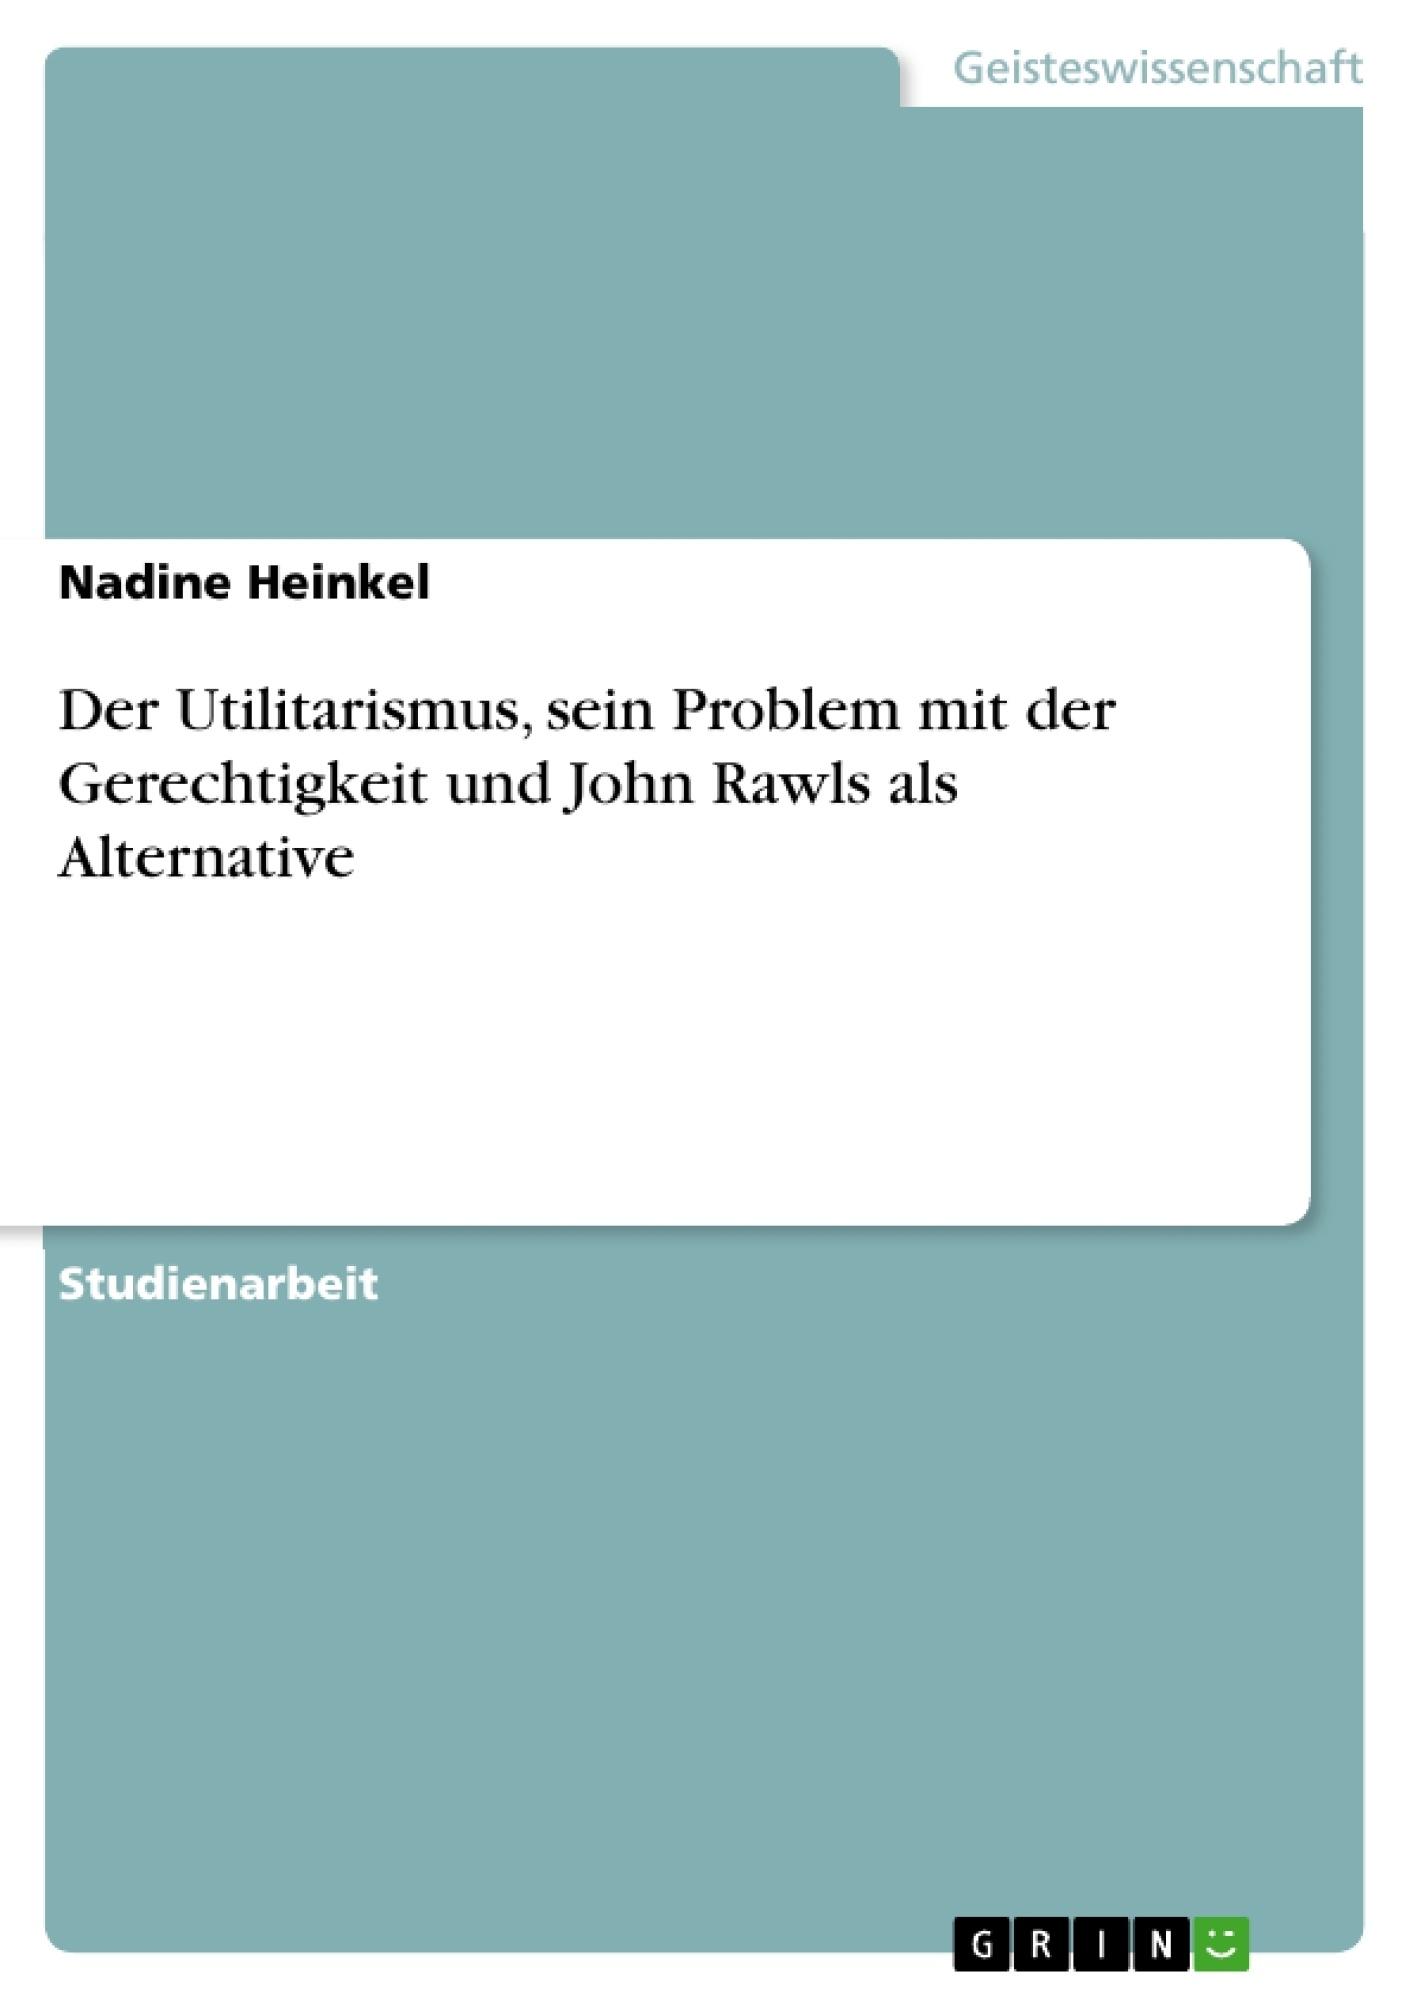 Titel: Der Utilitarismus, sein Problem mit der Gerechtigkeit und John Rawls als Alternative